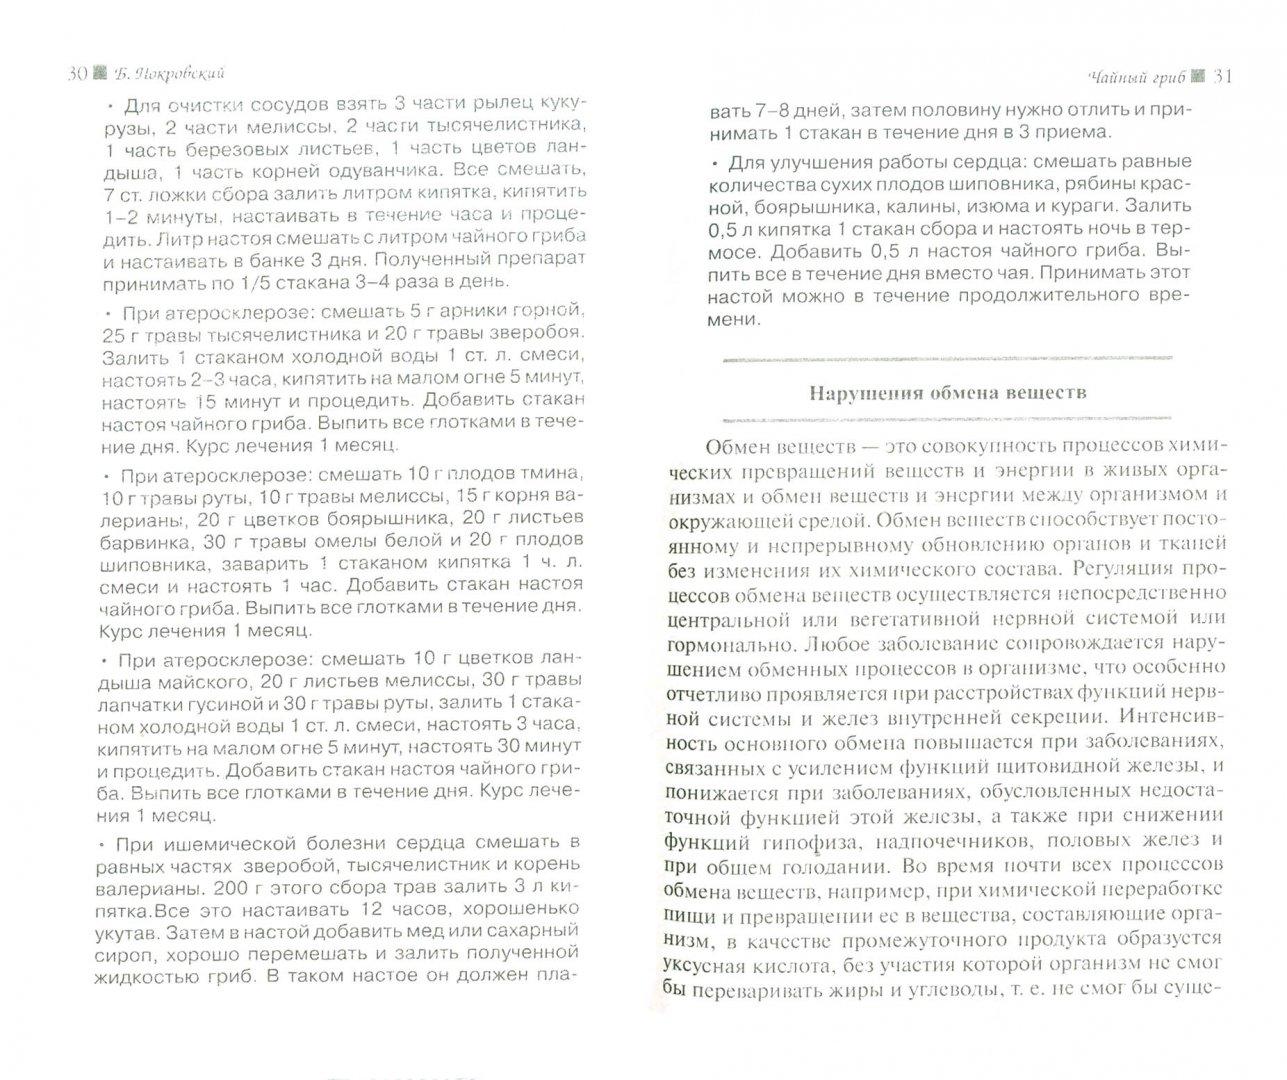 Иллюстрация 1 из 21 для Чайный гриб - Борис Покровский | Лабиринт - книги. Источник: Лабиринт